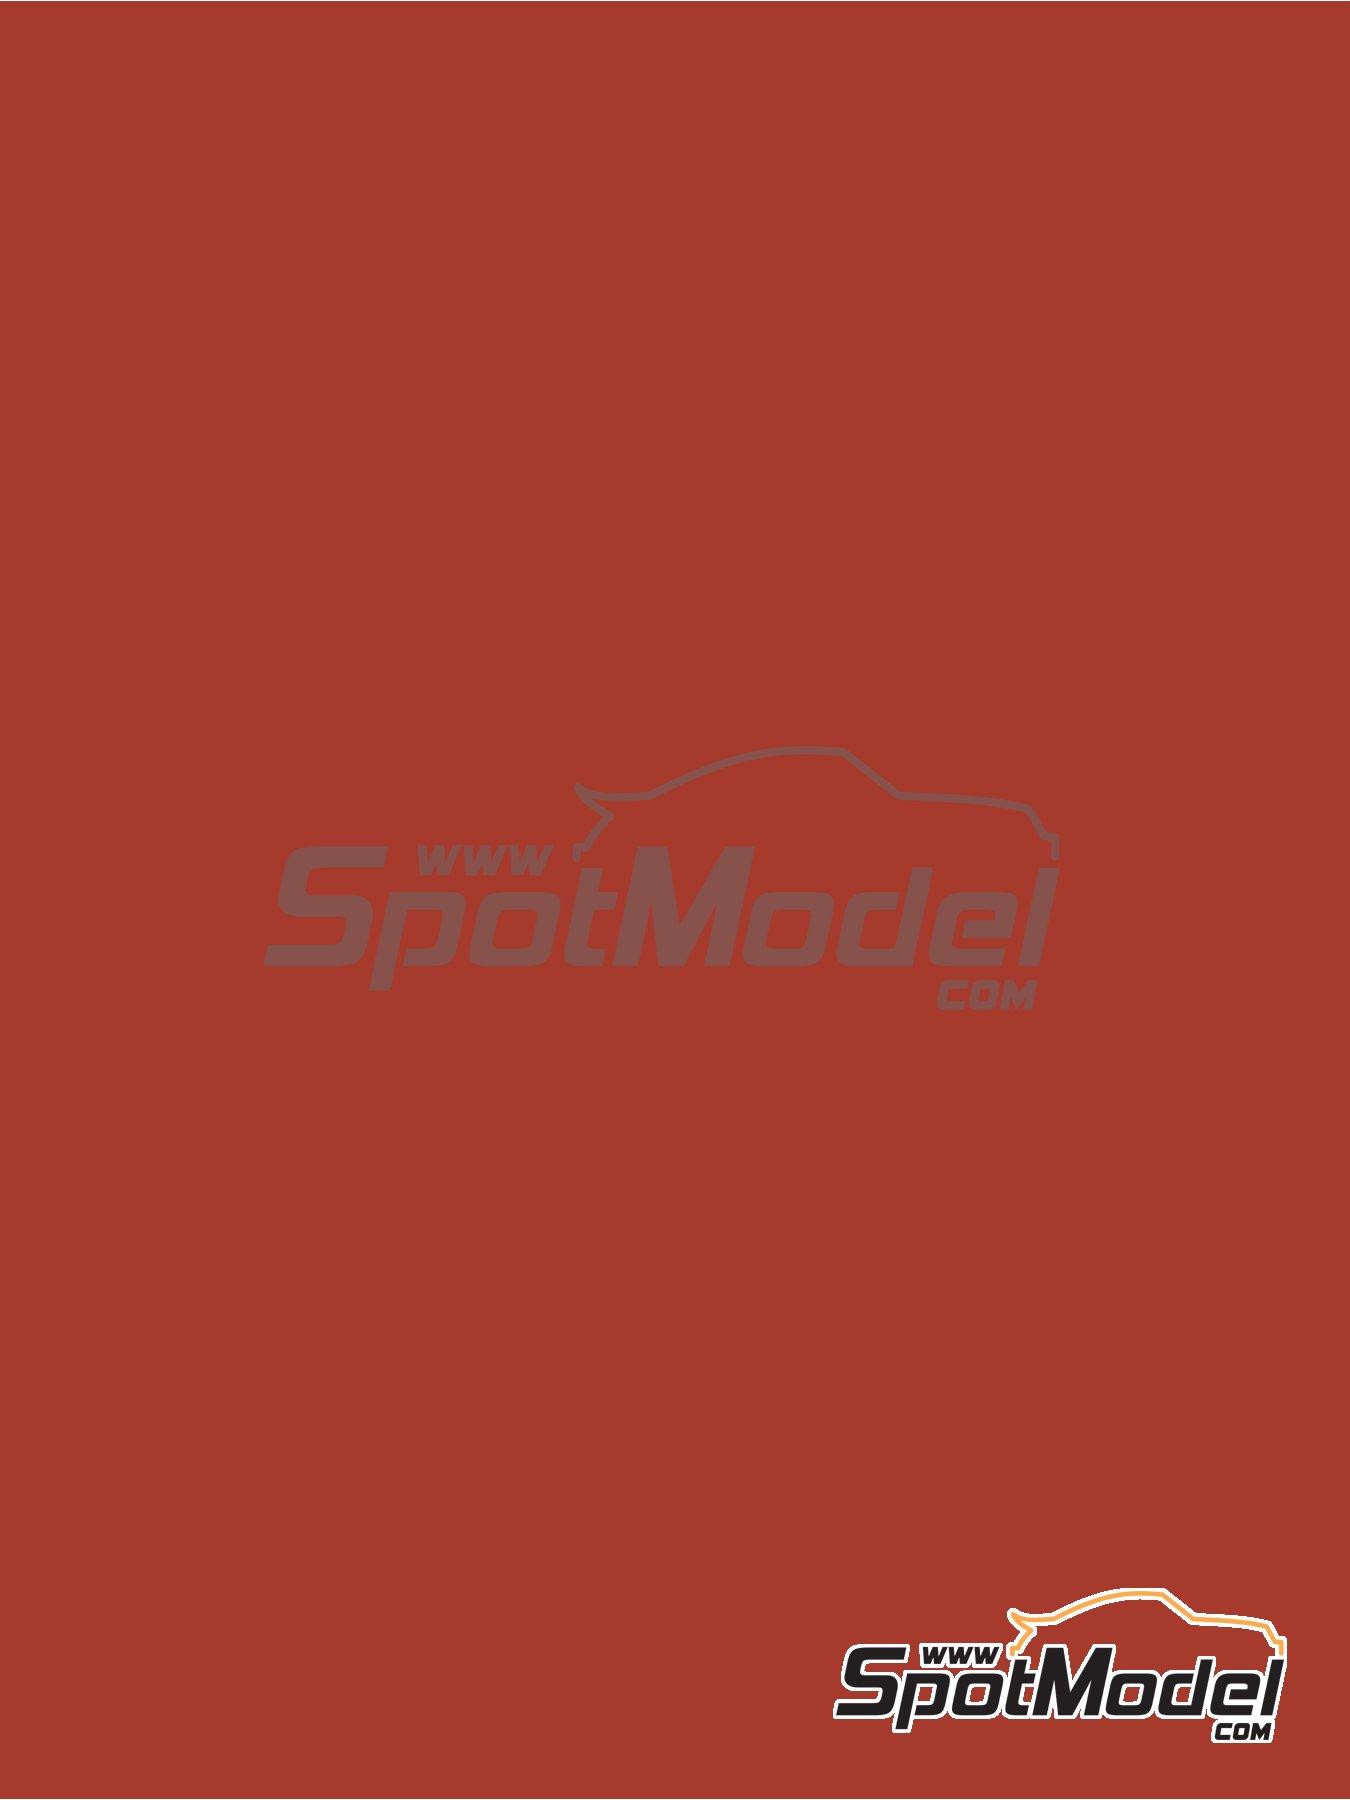 Rosa perlado - RAL3033 - Pearlpink - 1 x 60ml   Pintura fabricado por Zero Paints (ref.ZP-1033-RAL3033) image